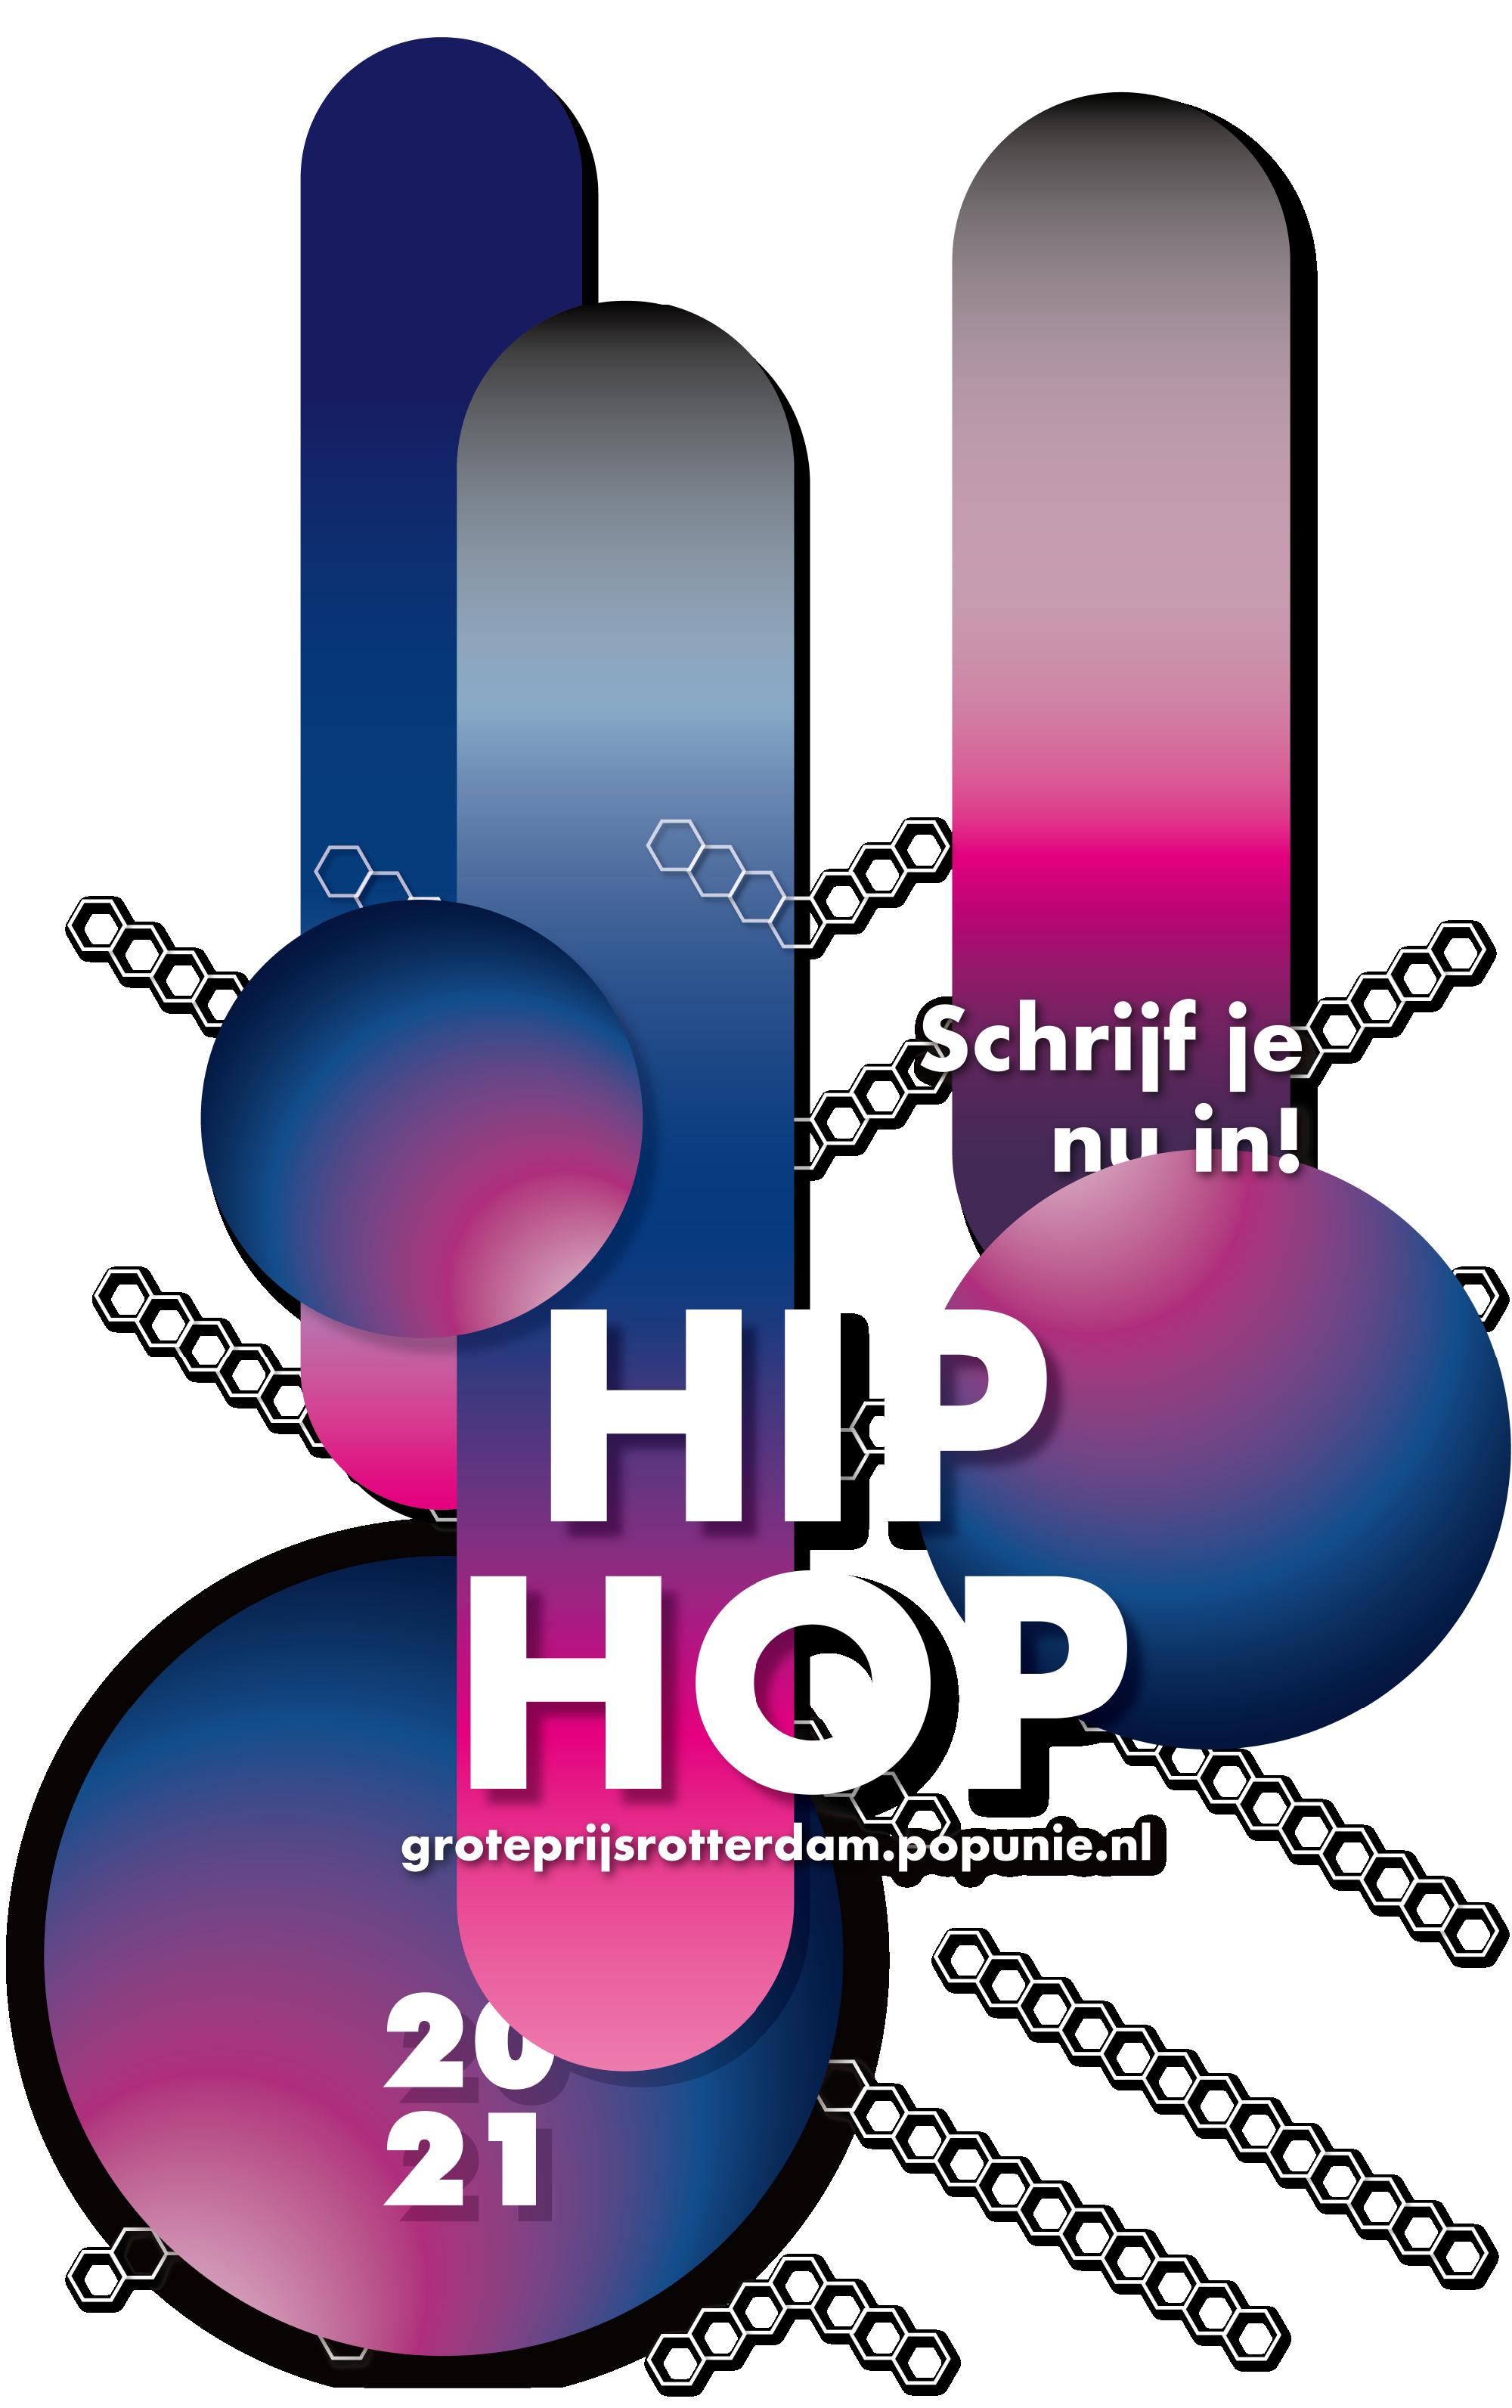 Logo van Sena Grote Prijs van Rotterdam, categorie Hiphop